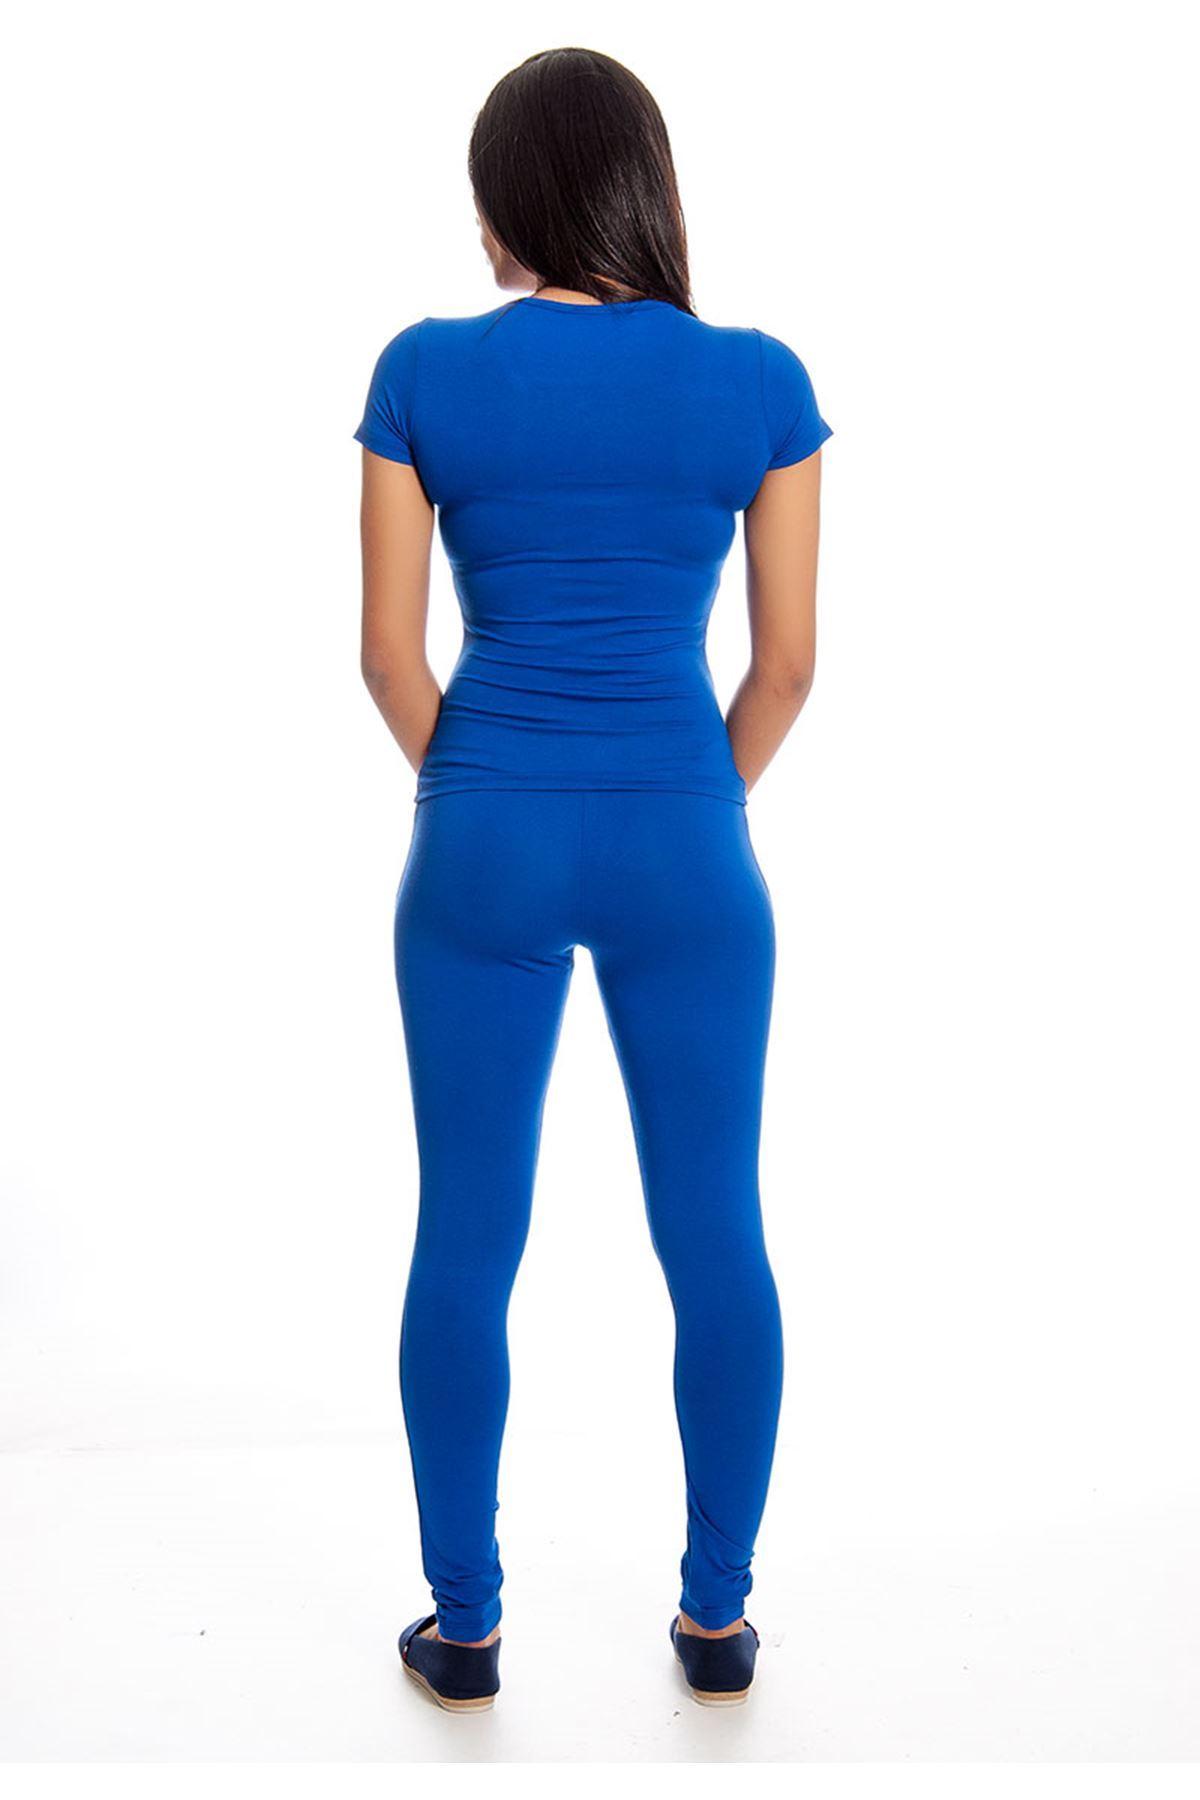 Saks Mavisi Pul İşlemeli Eşofman Takımı 14E-129472